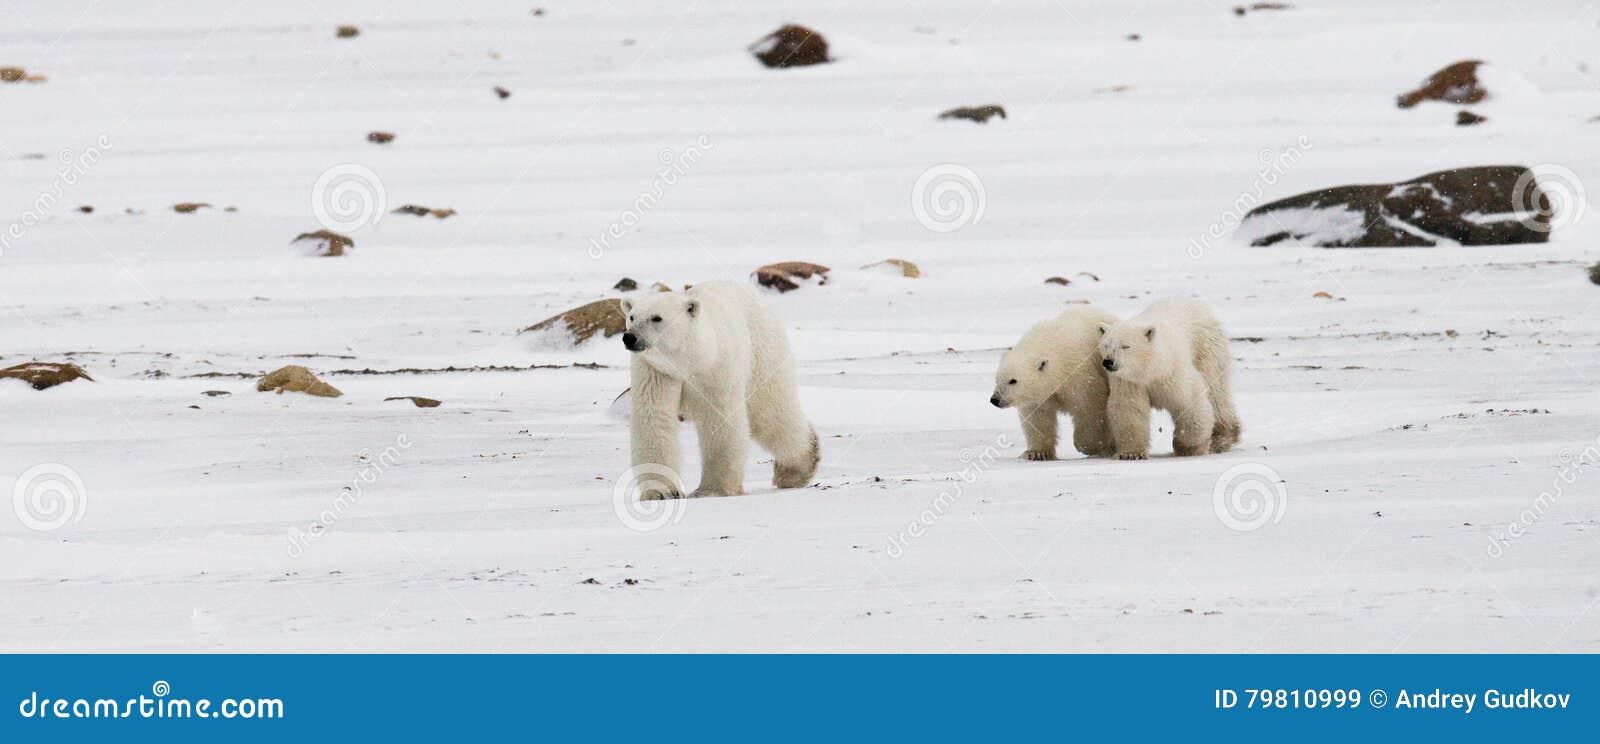 Ours blanc avec petits animaux dans la toundra canada